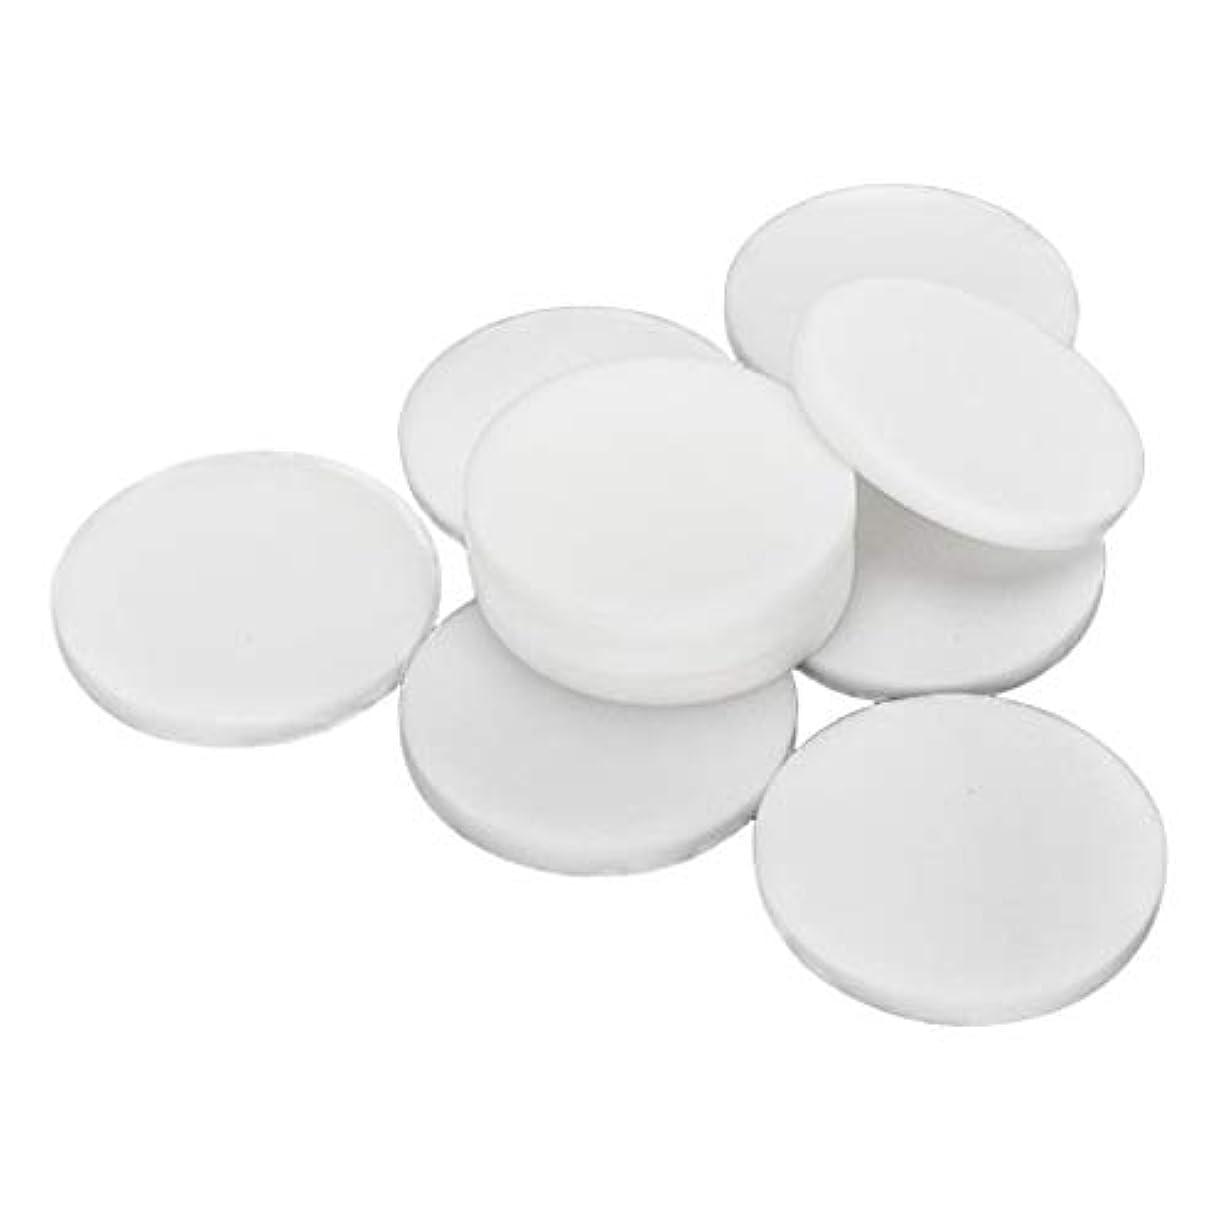 支援バーススクリーチ10枚 使い捨て フェイスクリーニングパフ 洗顔 化粧 メイクアップパフ 2サイズ選べ - 大